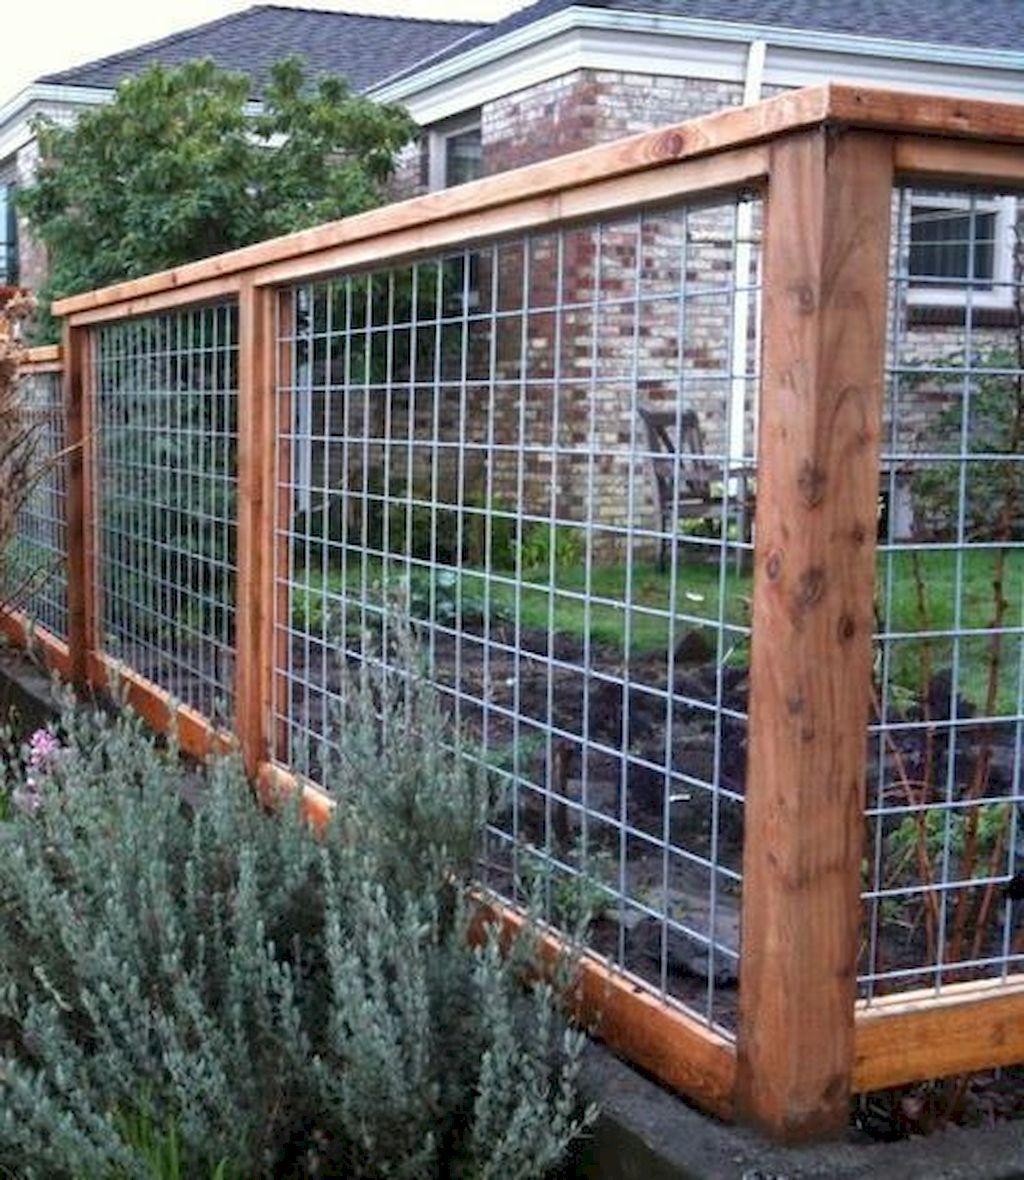 Cheap Garden Fences: Easy Cheap Backyard Privacy Fence Design Ideas 02 In 2019